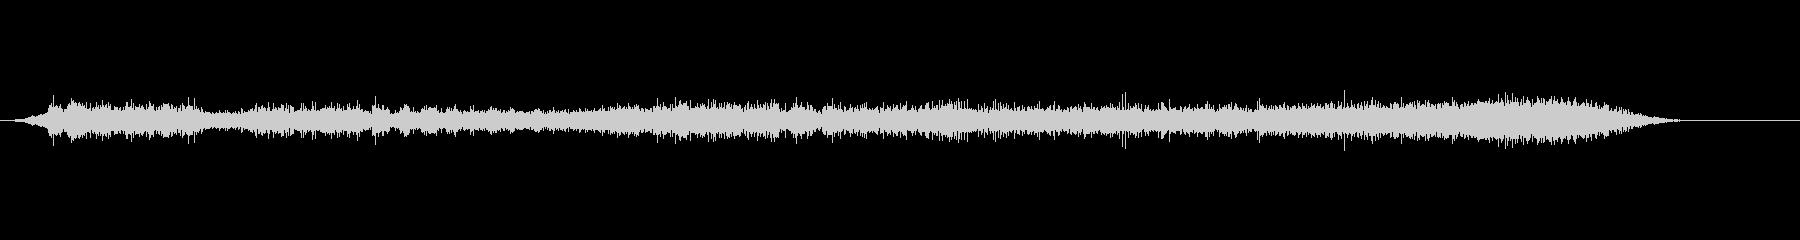 バルーン収縮の未再生の波形